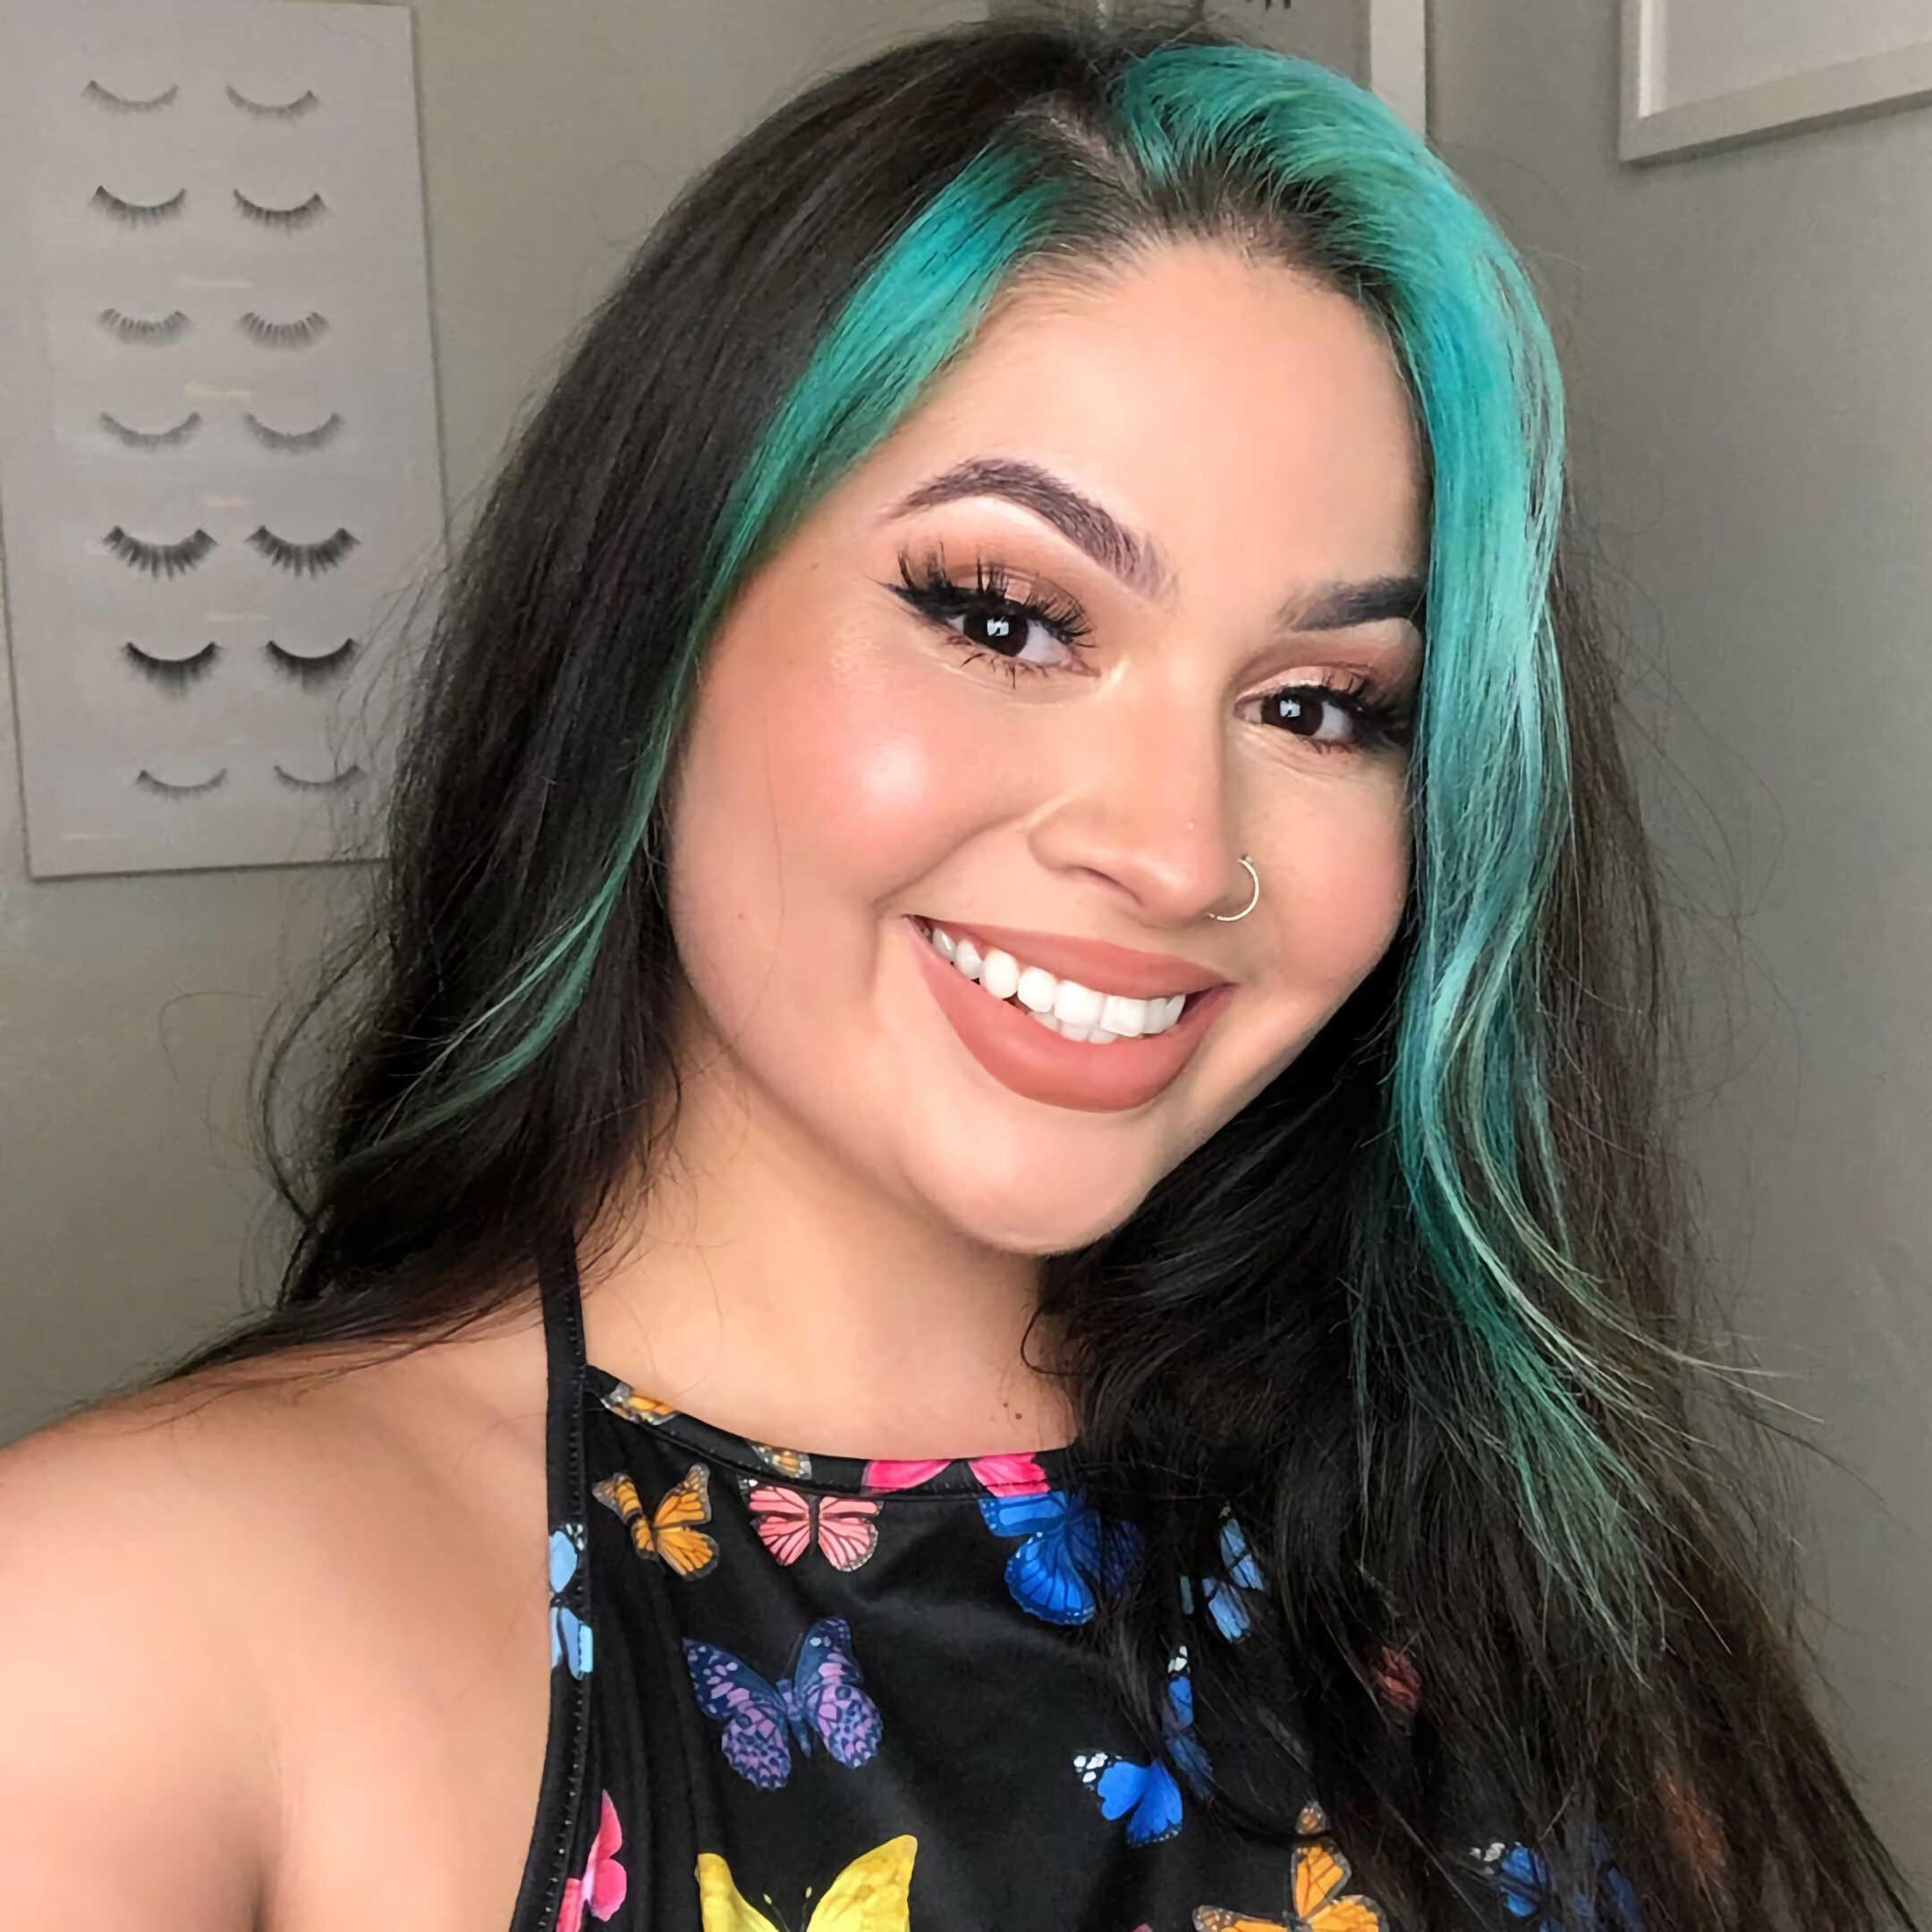 синие, яркие волосы с окрашенной челкой